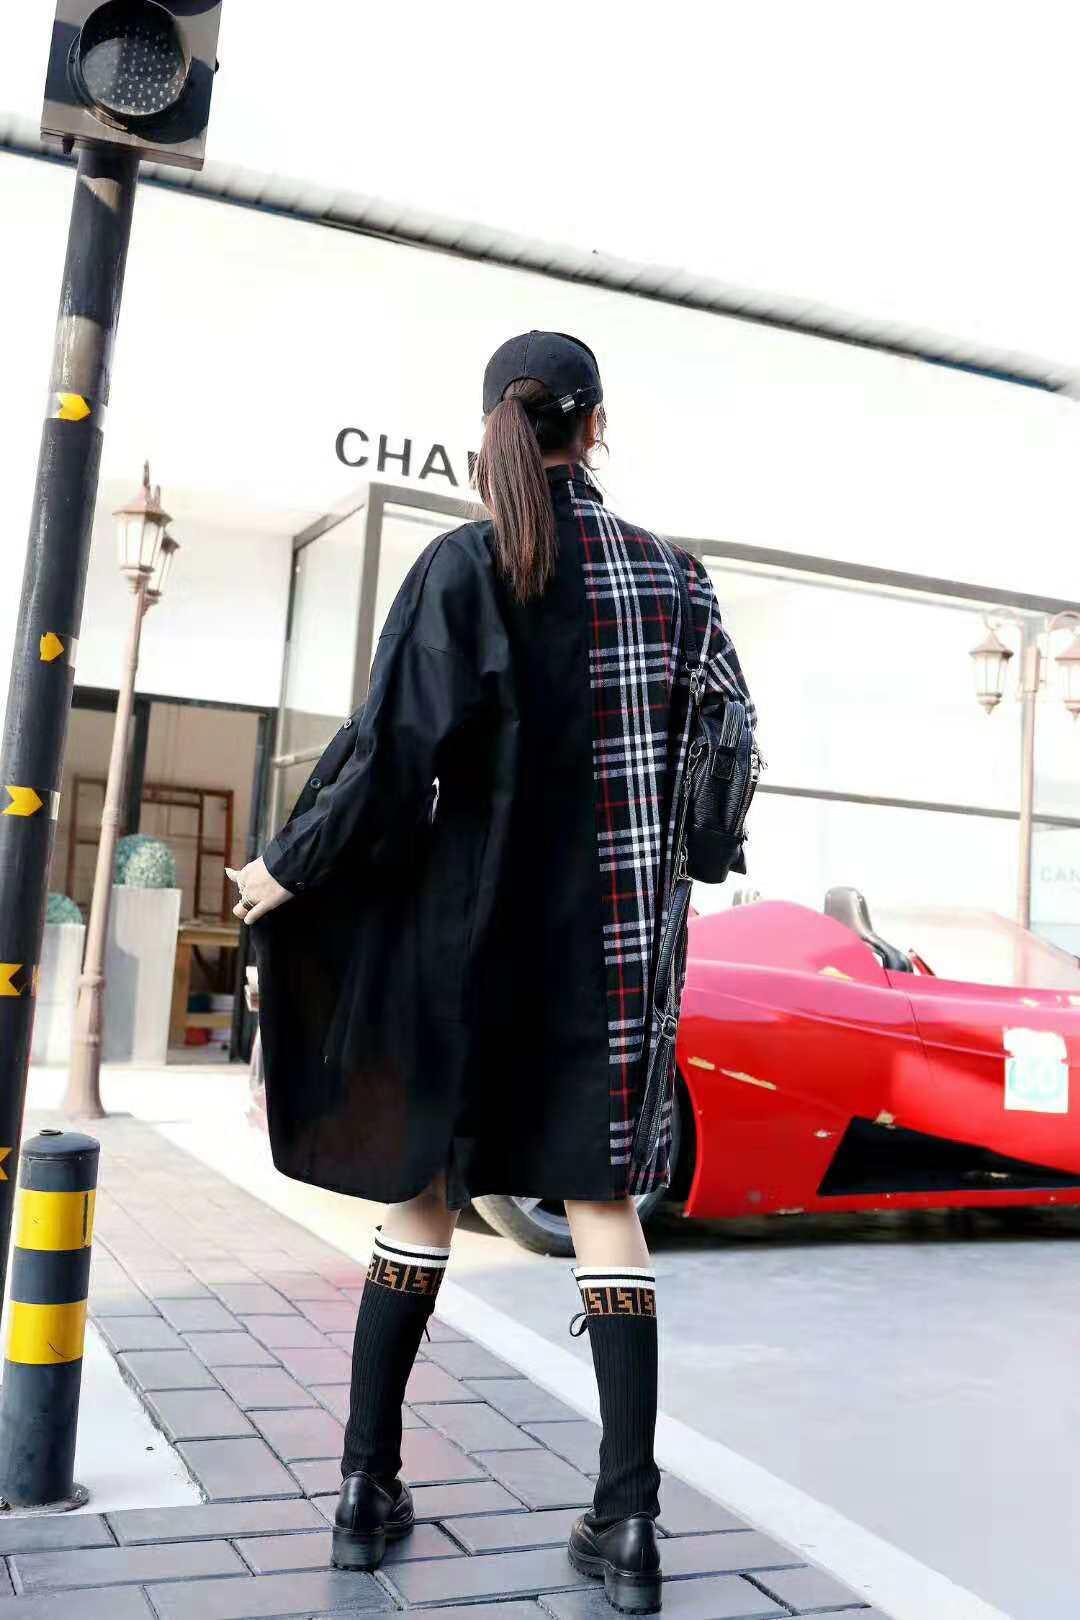 Manteau 2018 À Femelle Femmes rouge Marque Mm Couleur De Graisse Long Carreaux Noir Personnalité Automne Marée L'europe Correspondant Chemise Taille Nouvelle Grande 80PNkXOnw